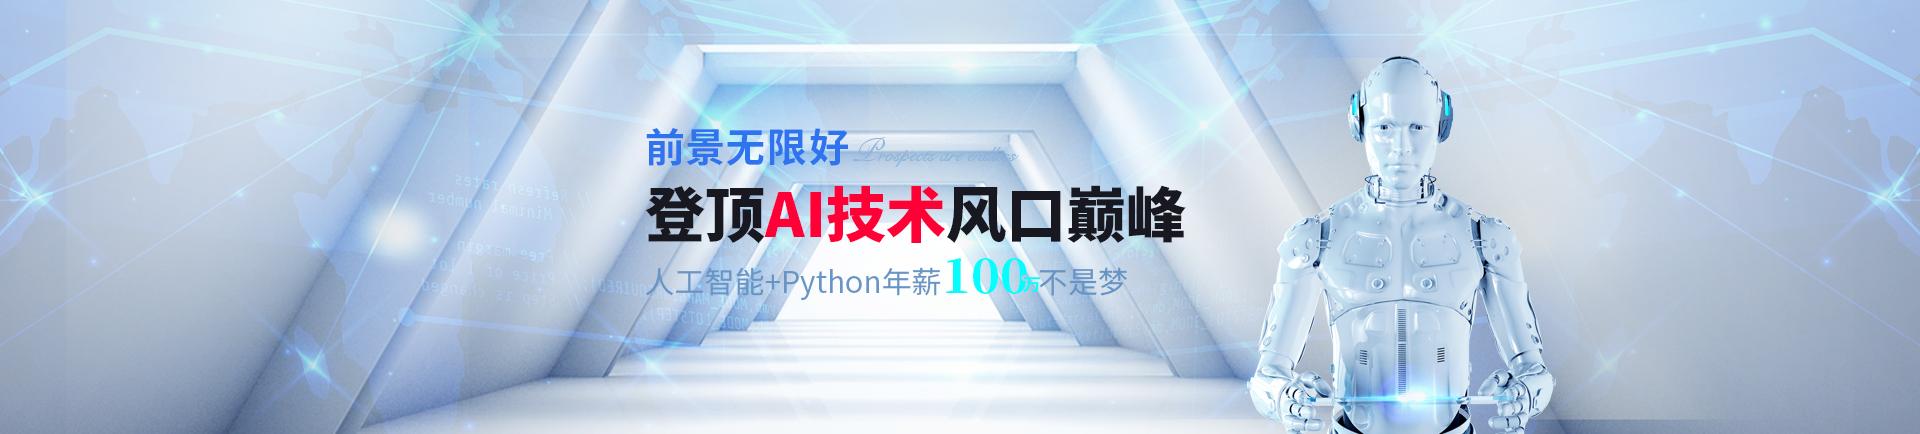 登顶AI技术风�巅峰 人工智能+Python年薪100万�是梦